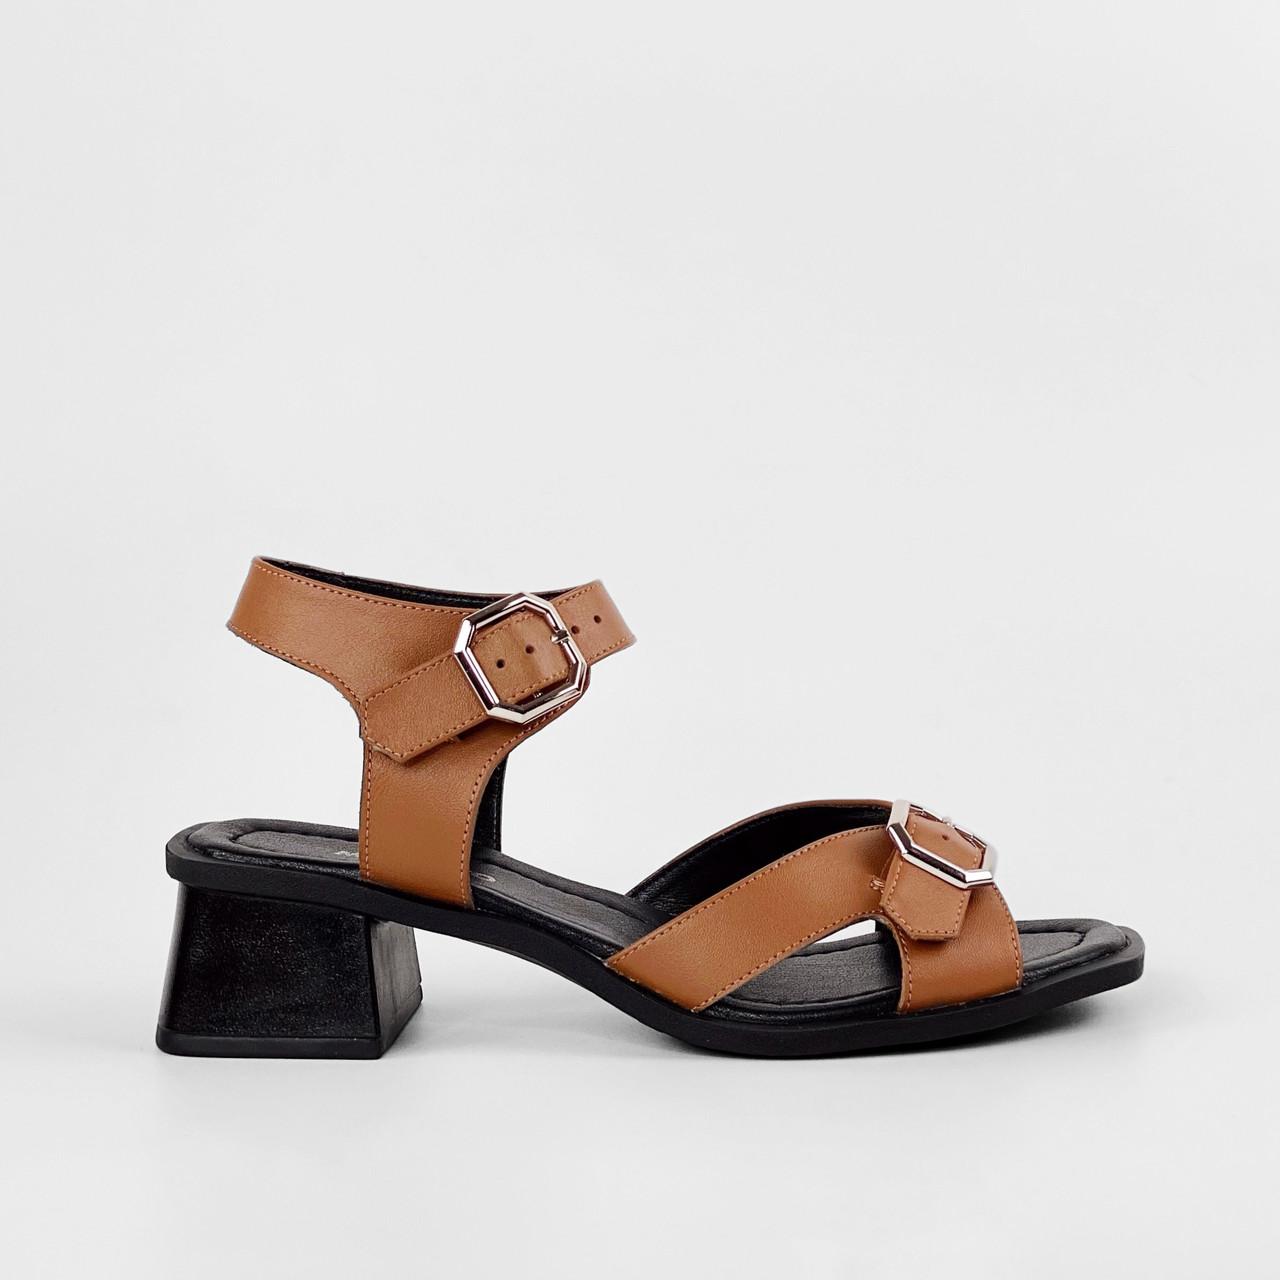 Босоножки женские кожаные коричневые на каблуке с пряжками MORENTO